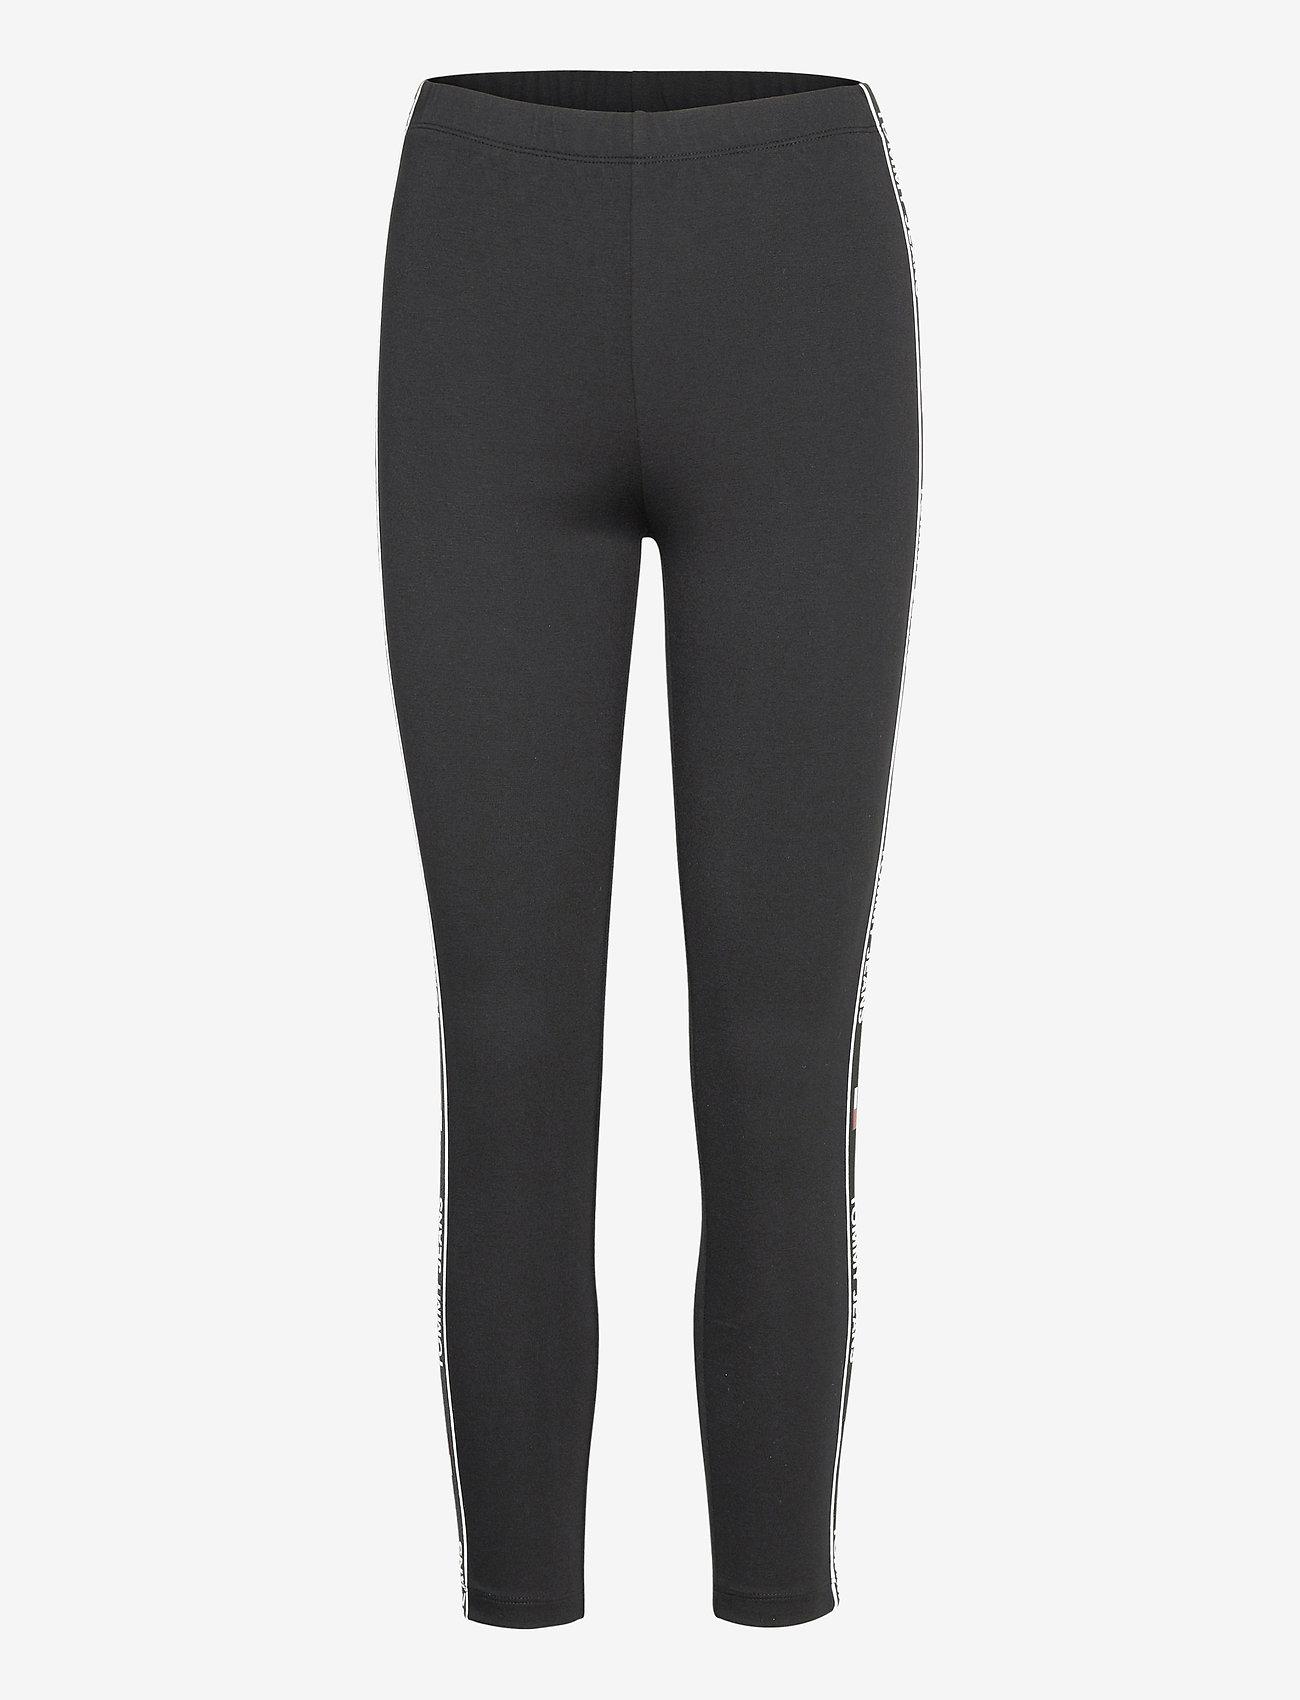 Tommy Jeans - TJW ESSENTIAL TAPE LEGGING - leggings - black - 0